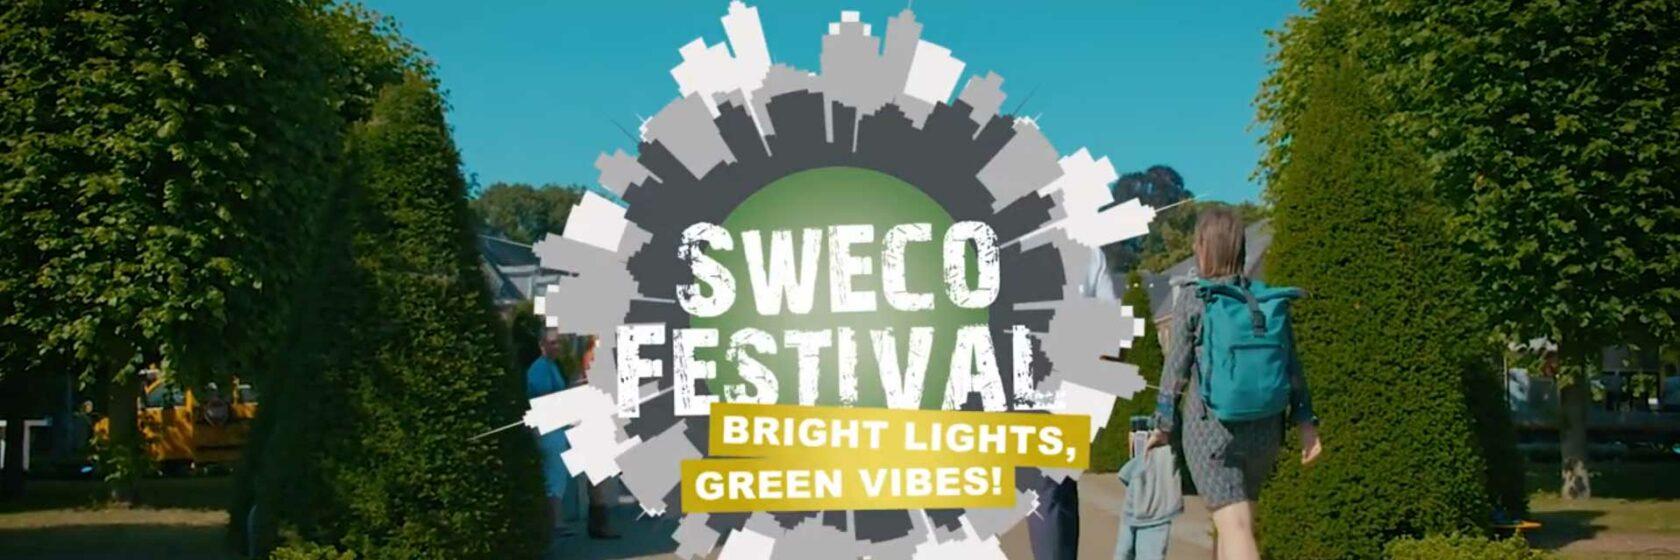 Sweco festival Bright lights, green vibes. Wandelaars bij entree van festival in groene omgeving